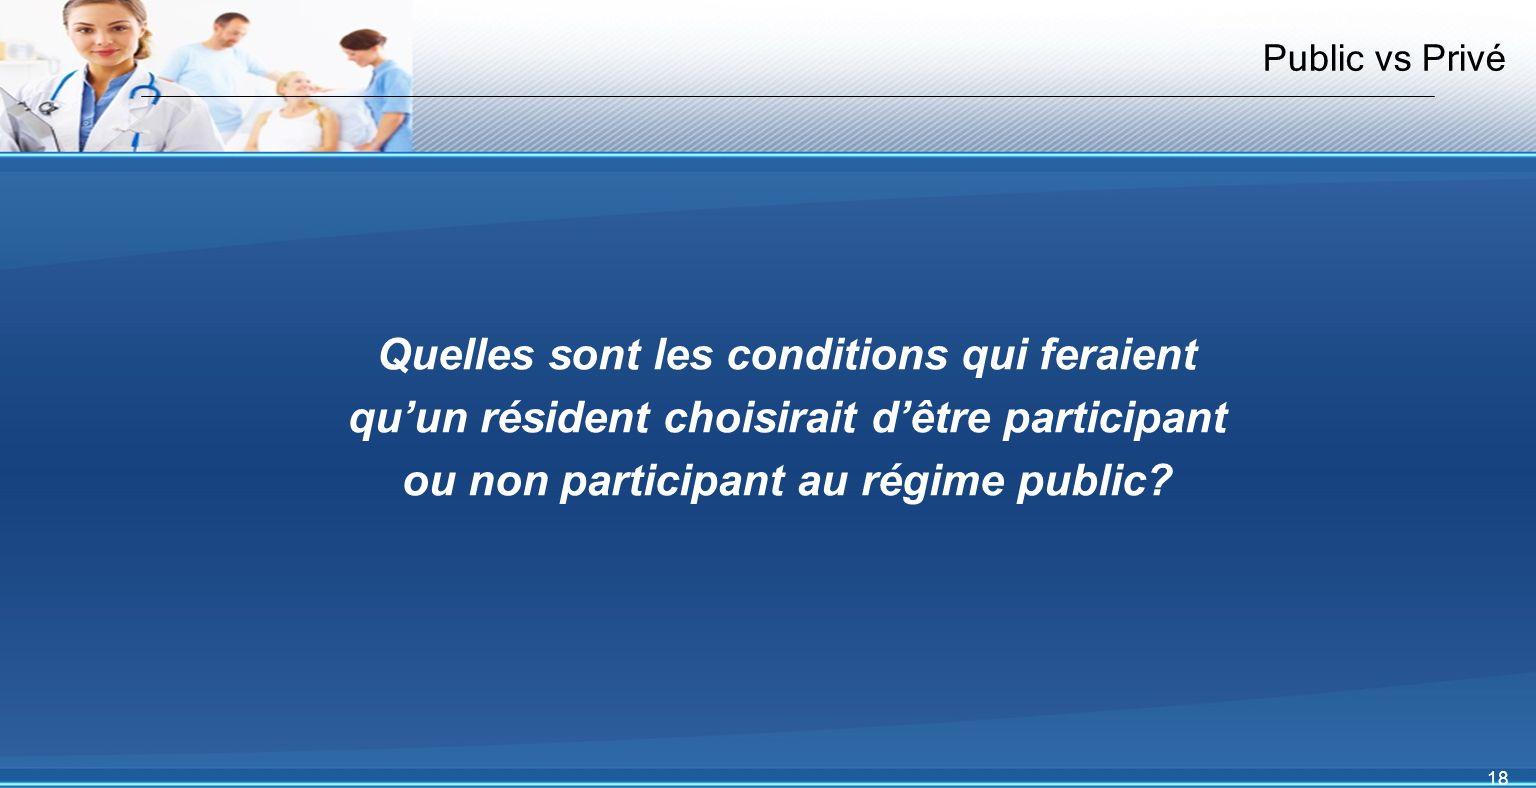 18 Public vs Privé Quelles sont les conditions qui feraient quun résident choisirait dêtre participant ou non participant au régime public